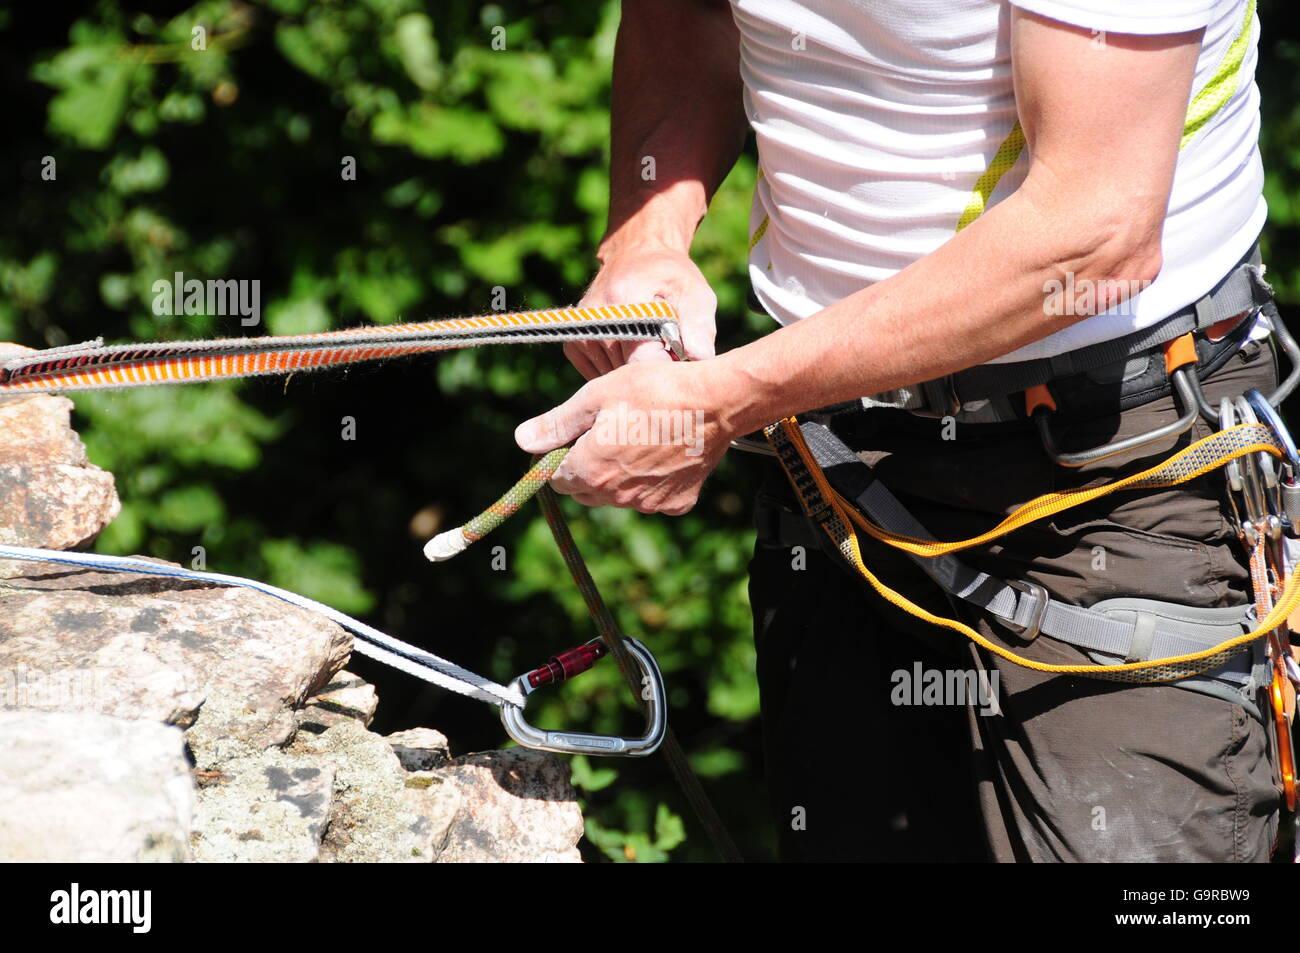 Kletterausrüstung In Der Nähe : Kletterausrüstung quickdraw expressschlingen klettern